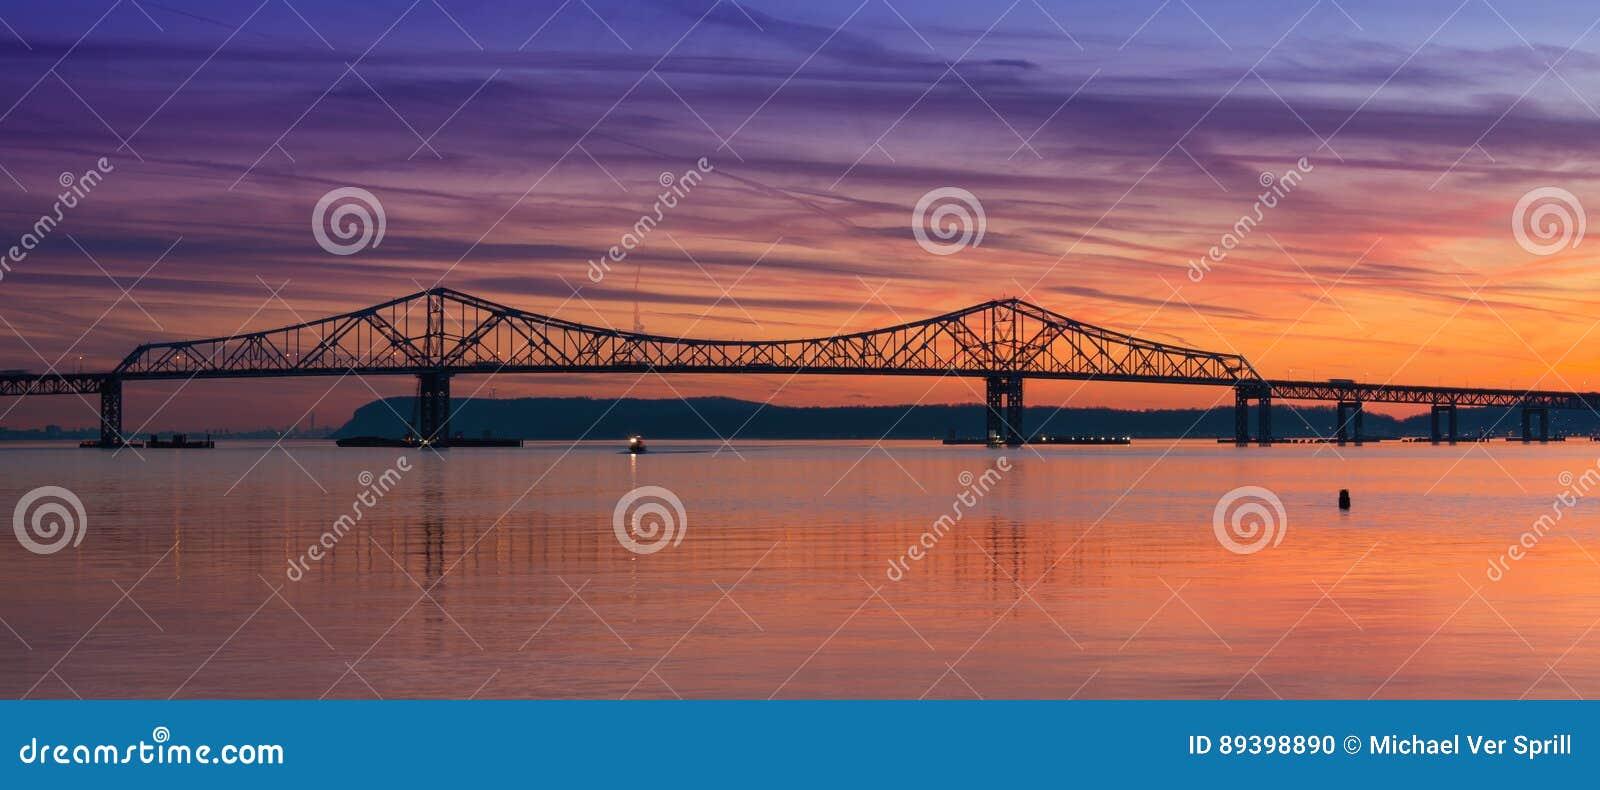 Siluetta del ponte di zeta di Tappan al tramonto